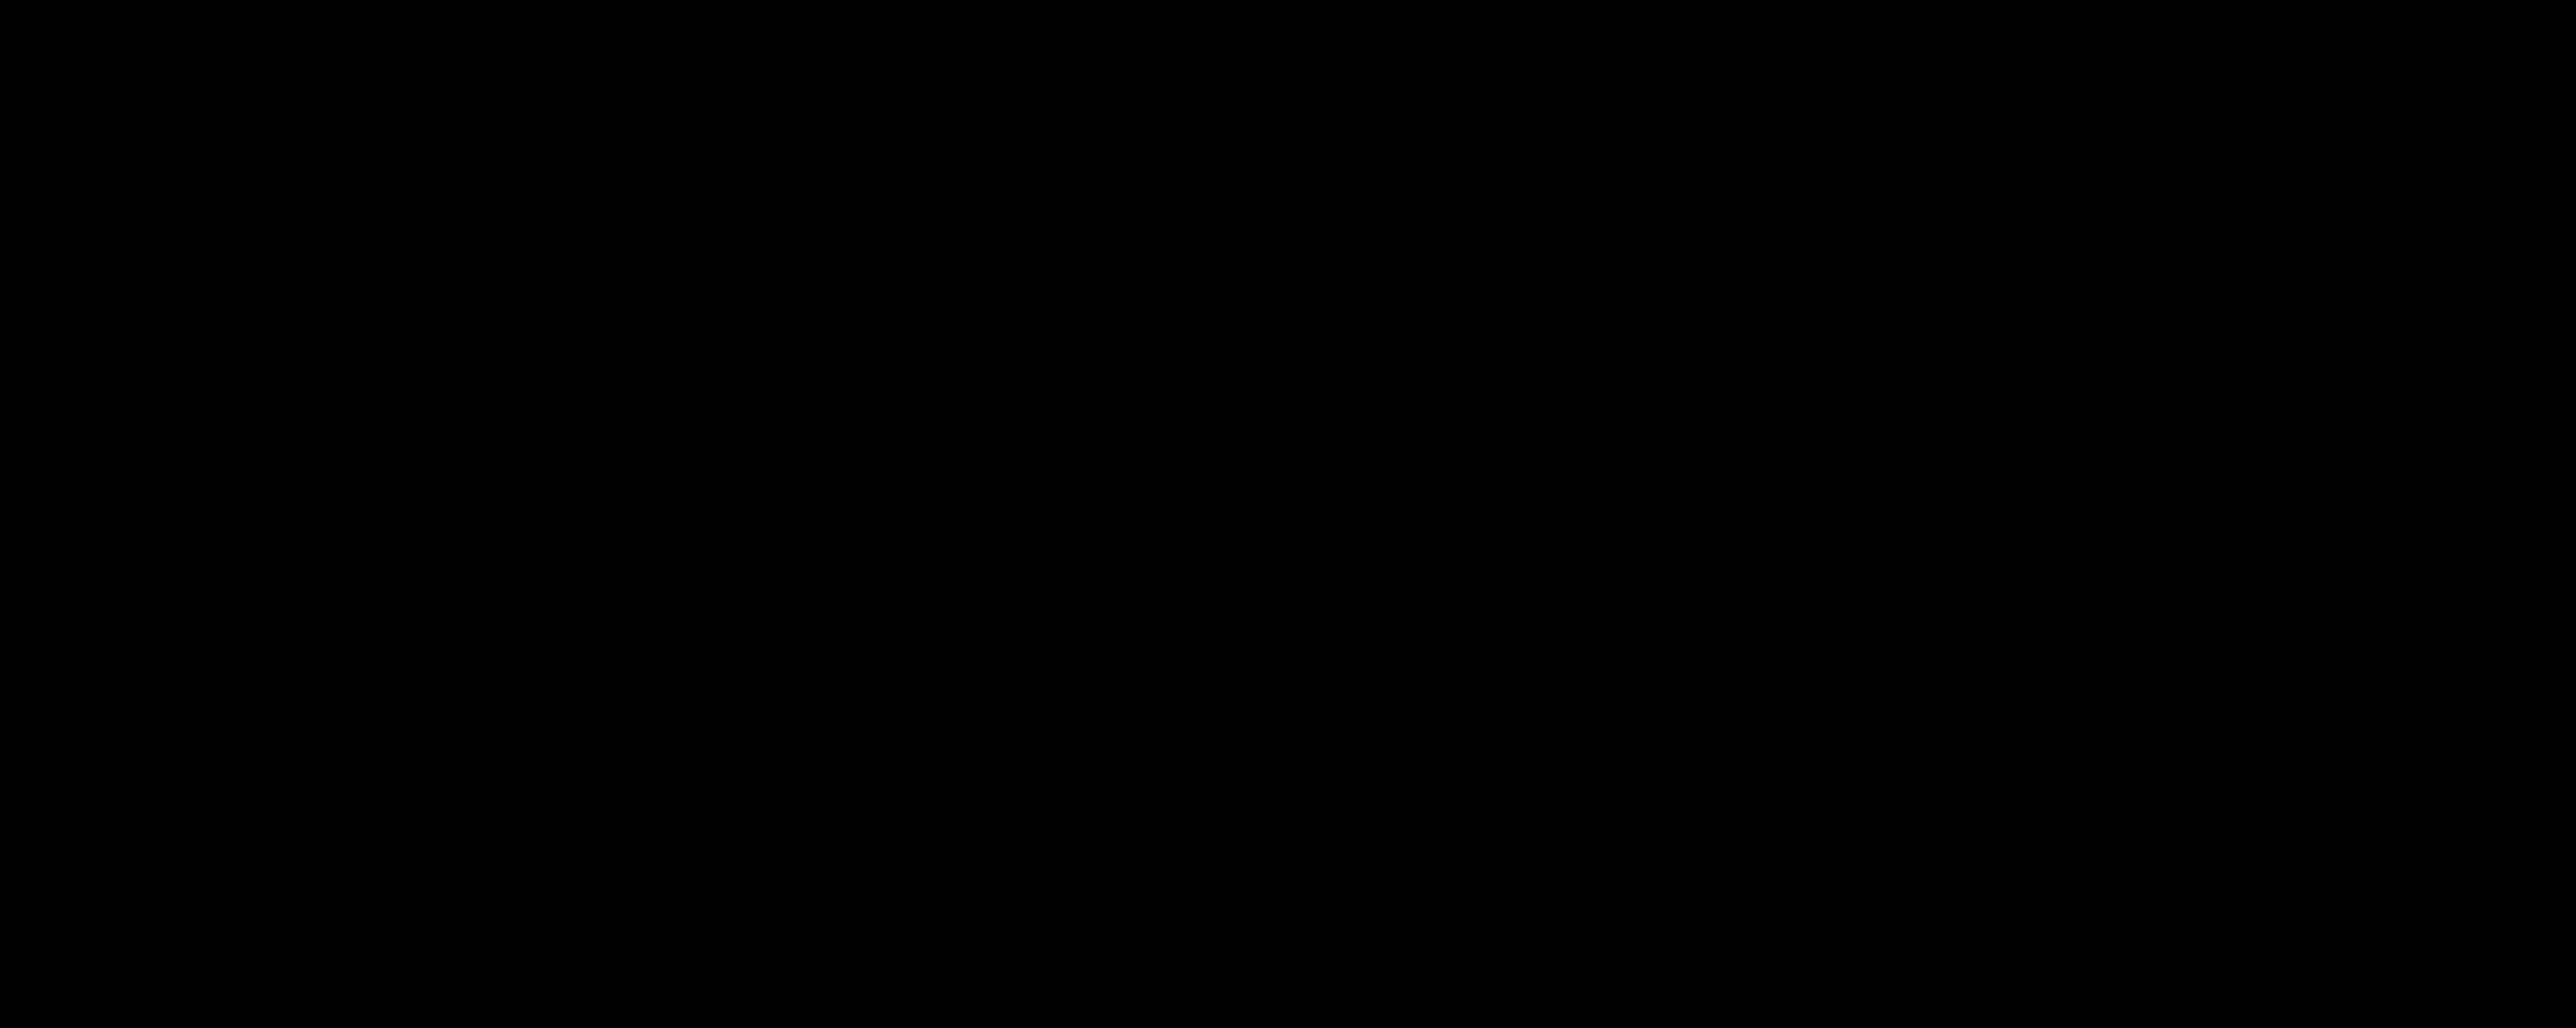 NSGEU Functions